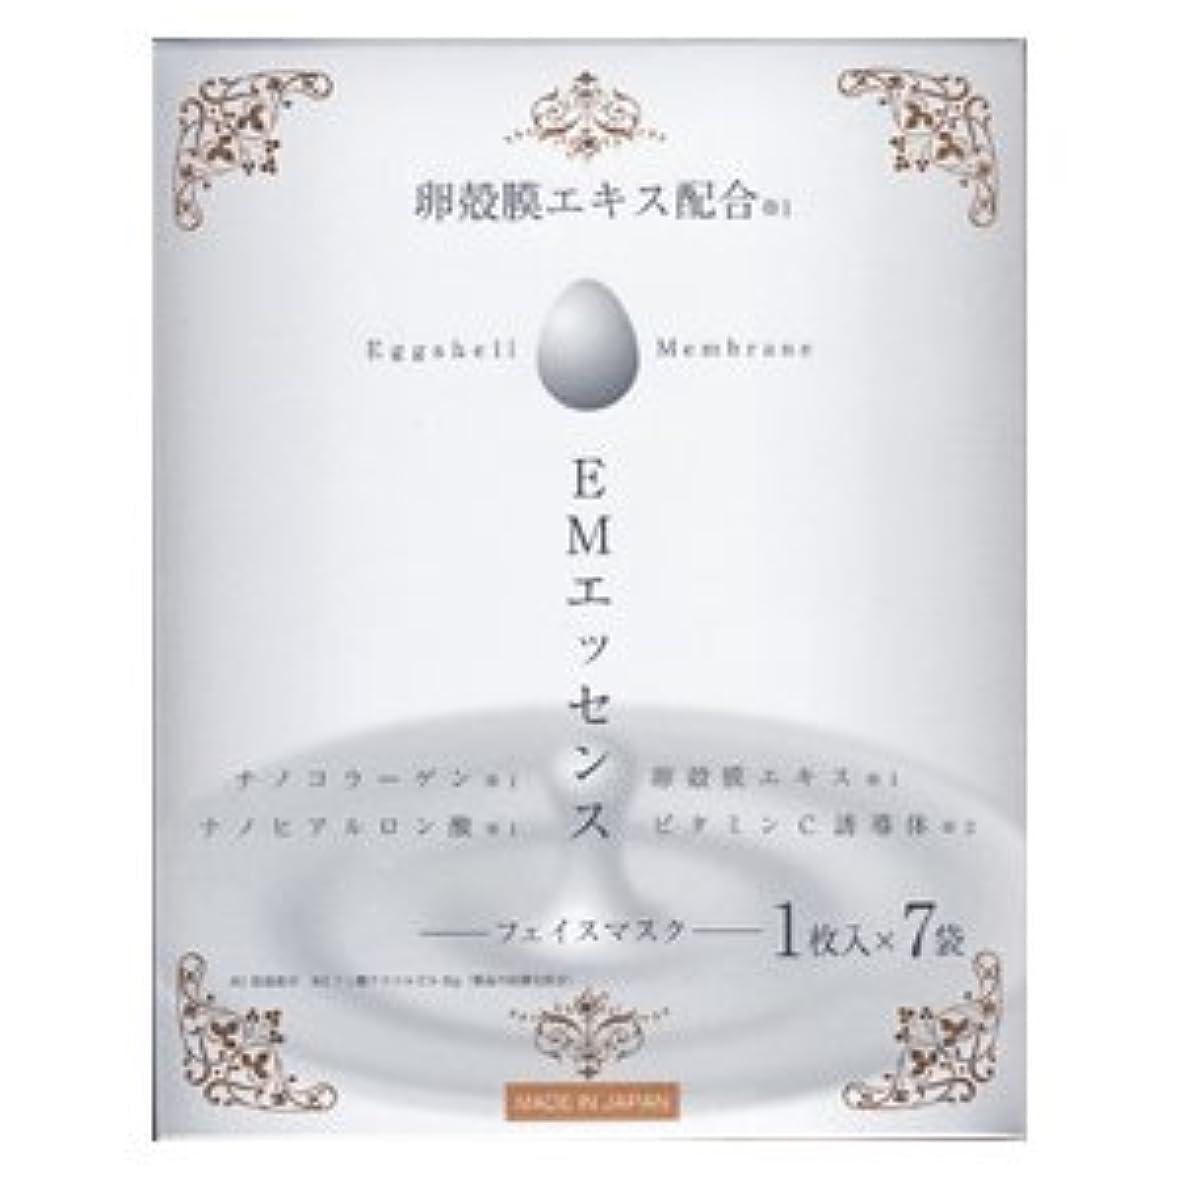 電気的タフ今晩卵殻膜エキス配合 EMエッセンス フェイスマスク 1枚入×7袋